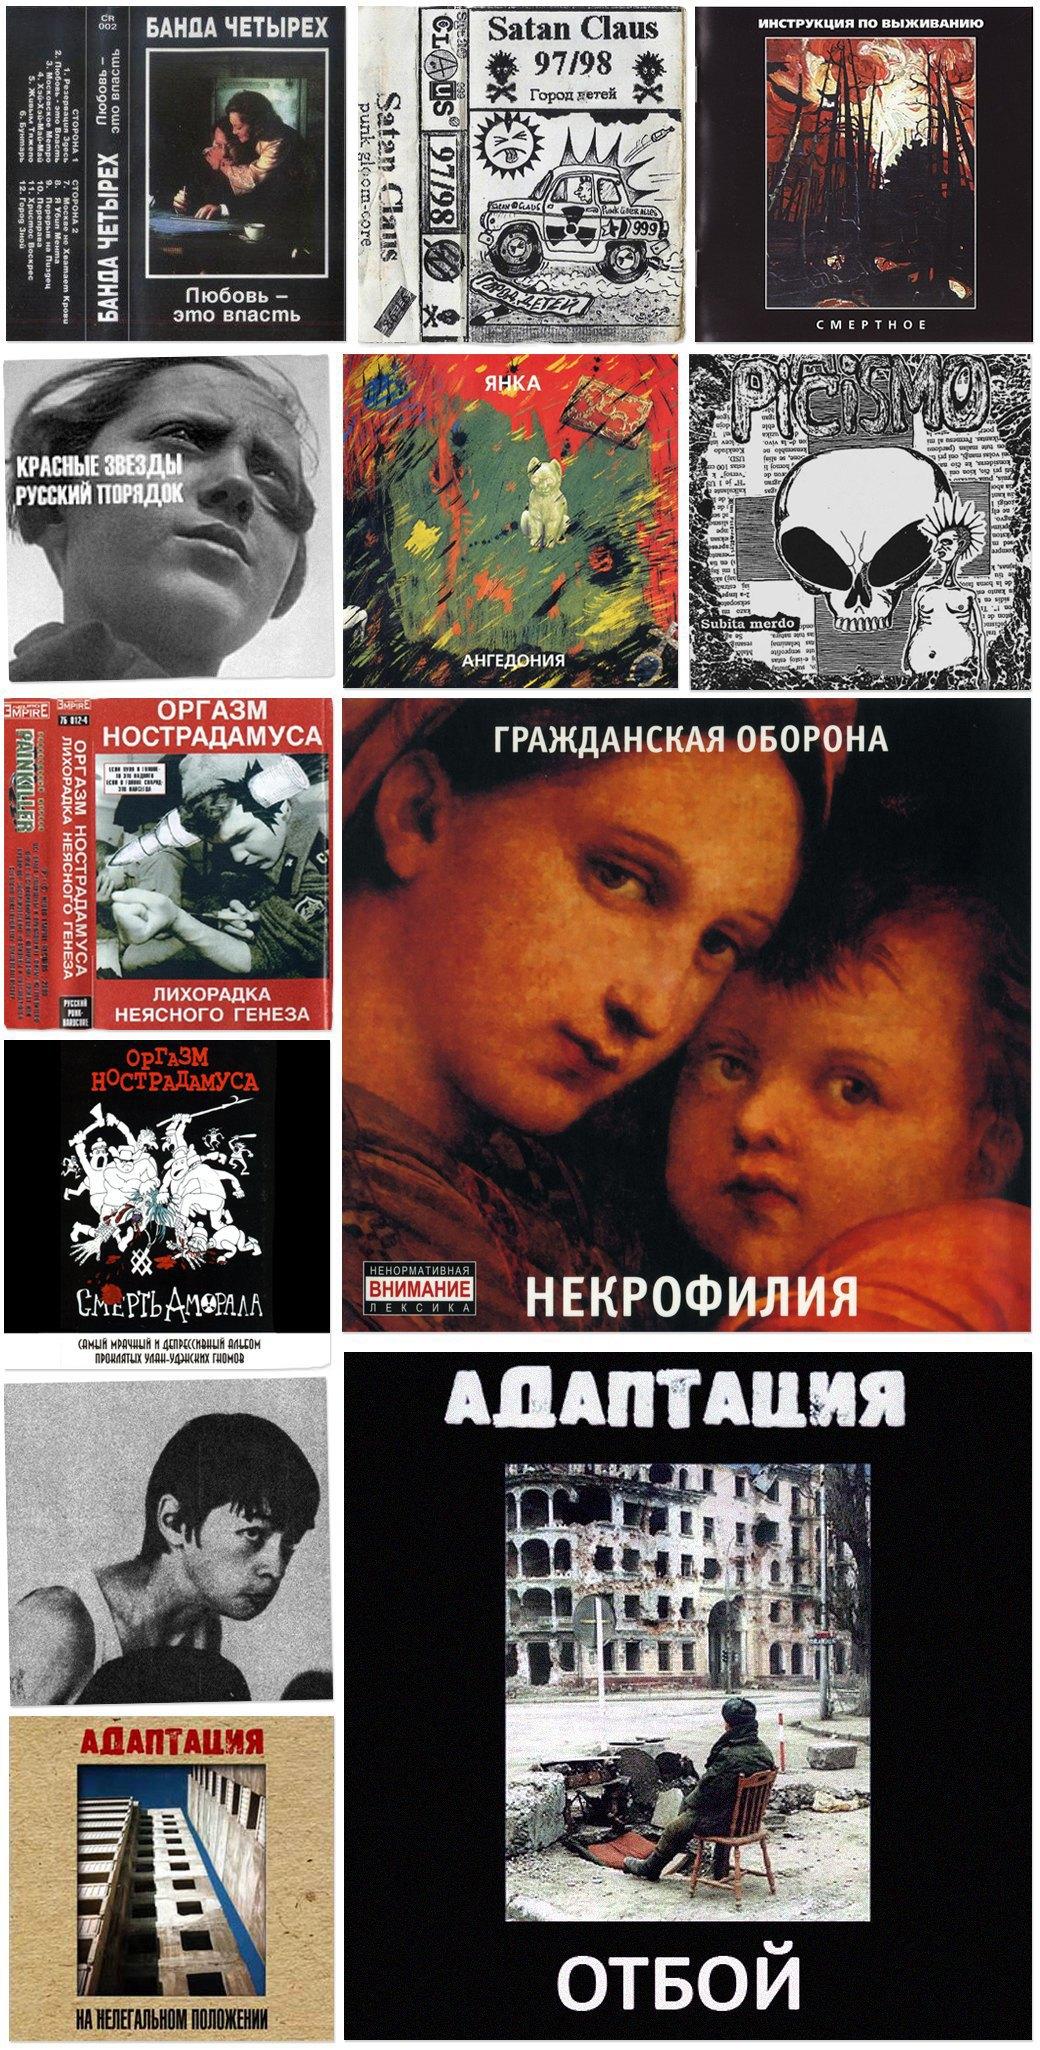 Обложки альбомов золотой эры русского панк-рока . Изображение № 5.